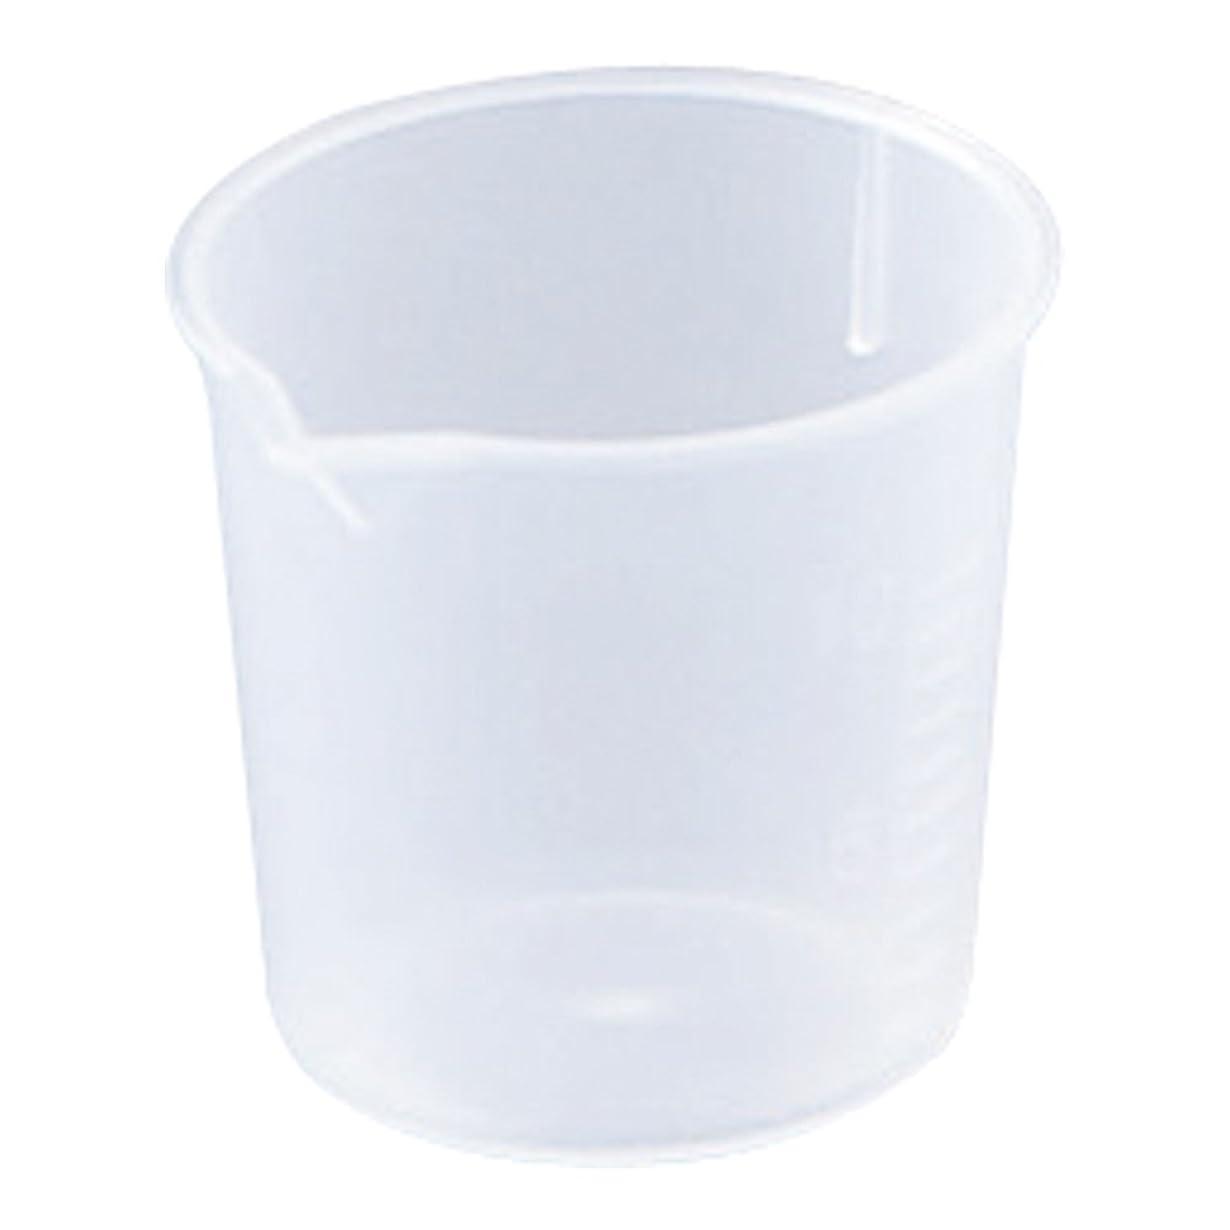 役立つレクリエーション指定するアズワン ニューディスポカップ 10ml 100入 /1-4621-11